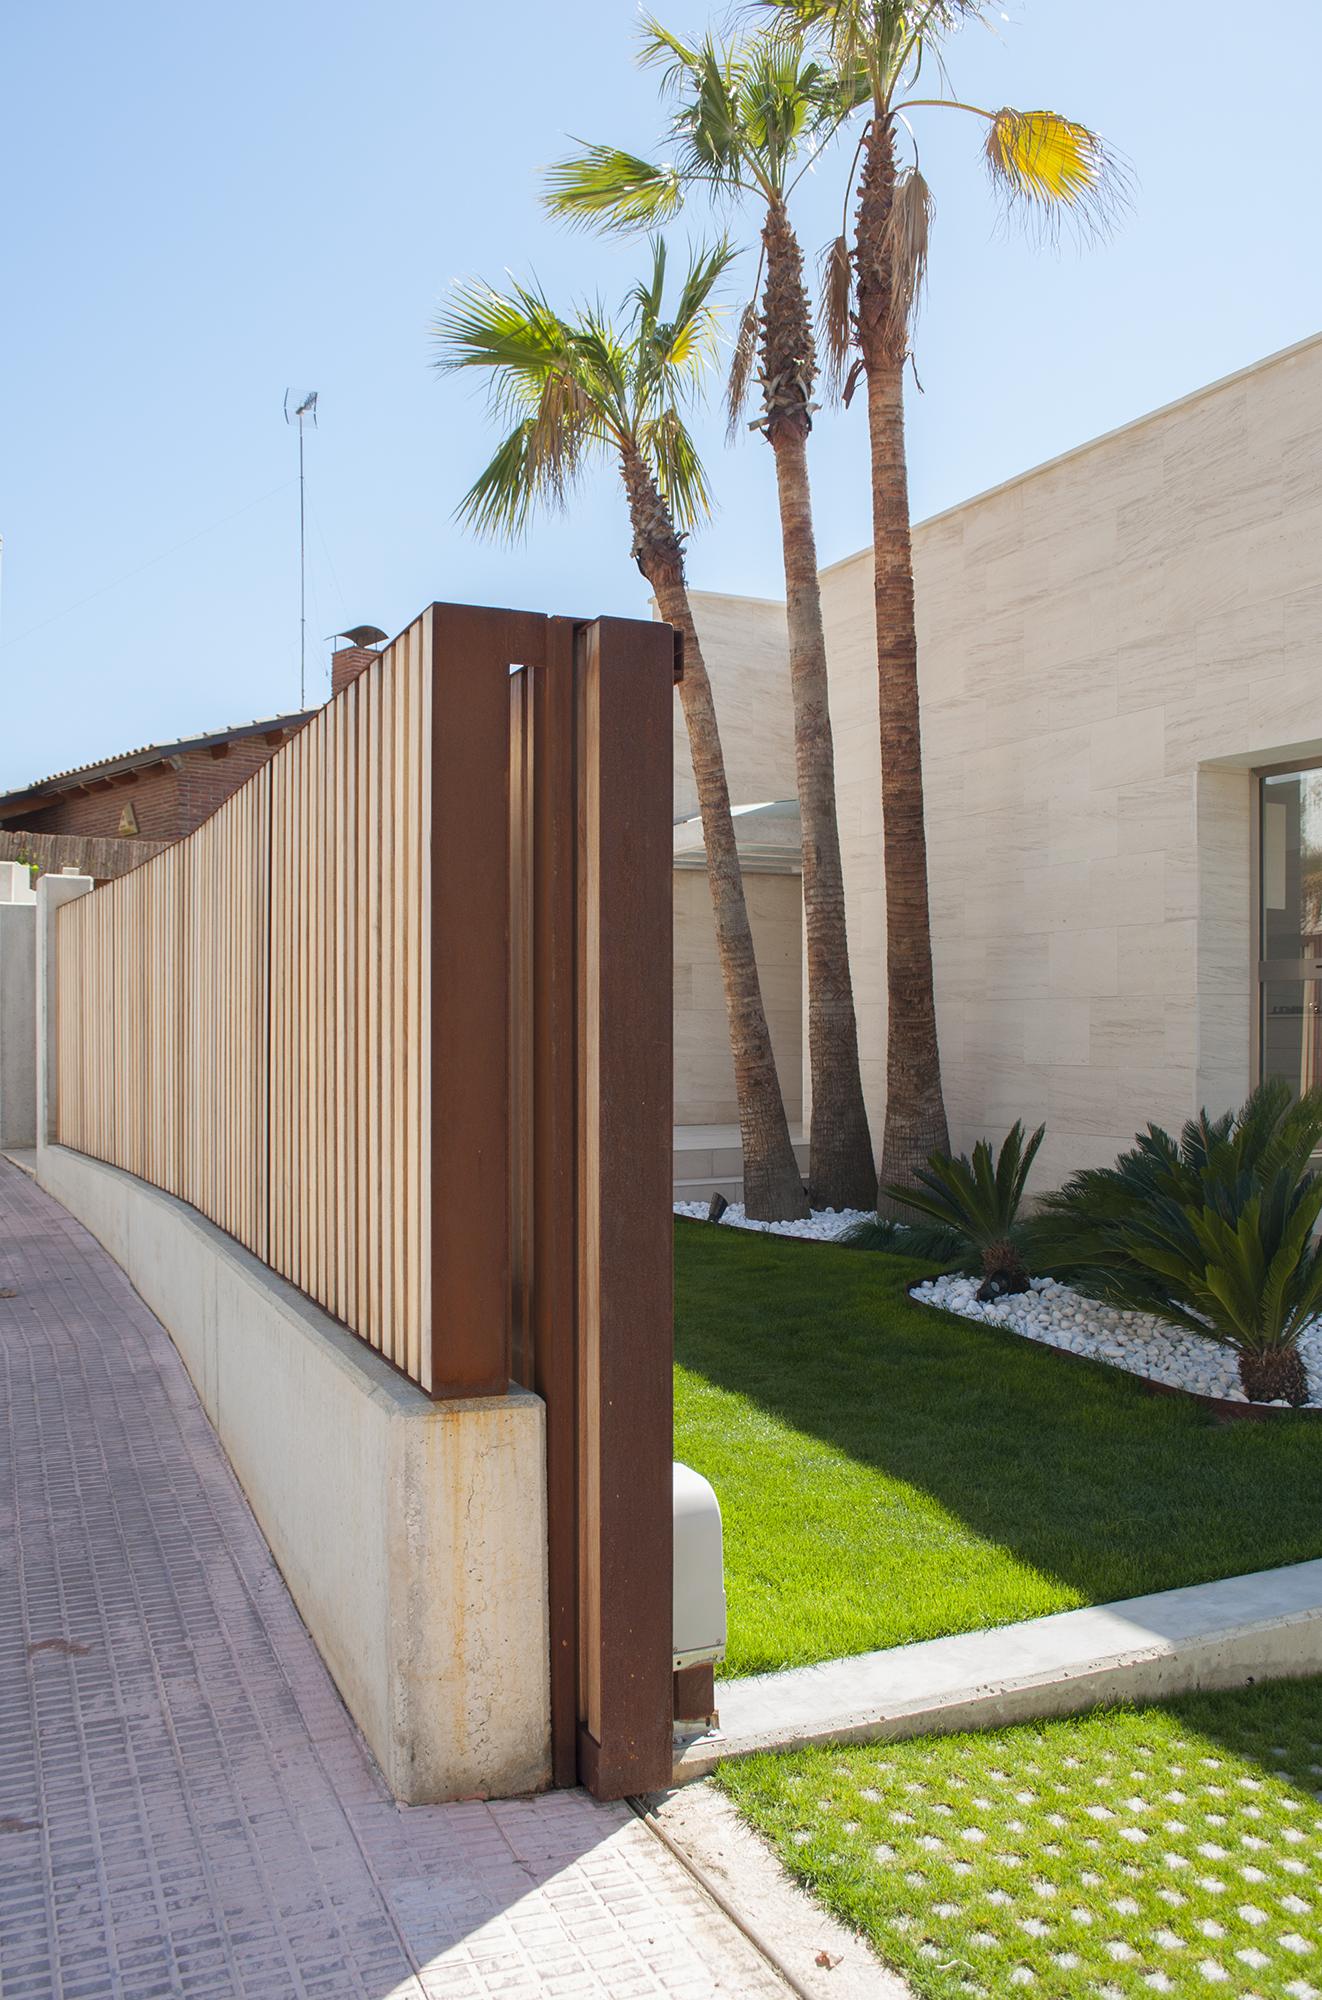 5-rardo-architects-houses-sitges-elevation-entrance-wood-fence